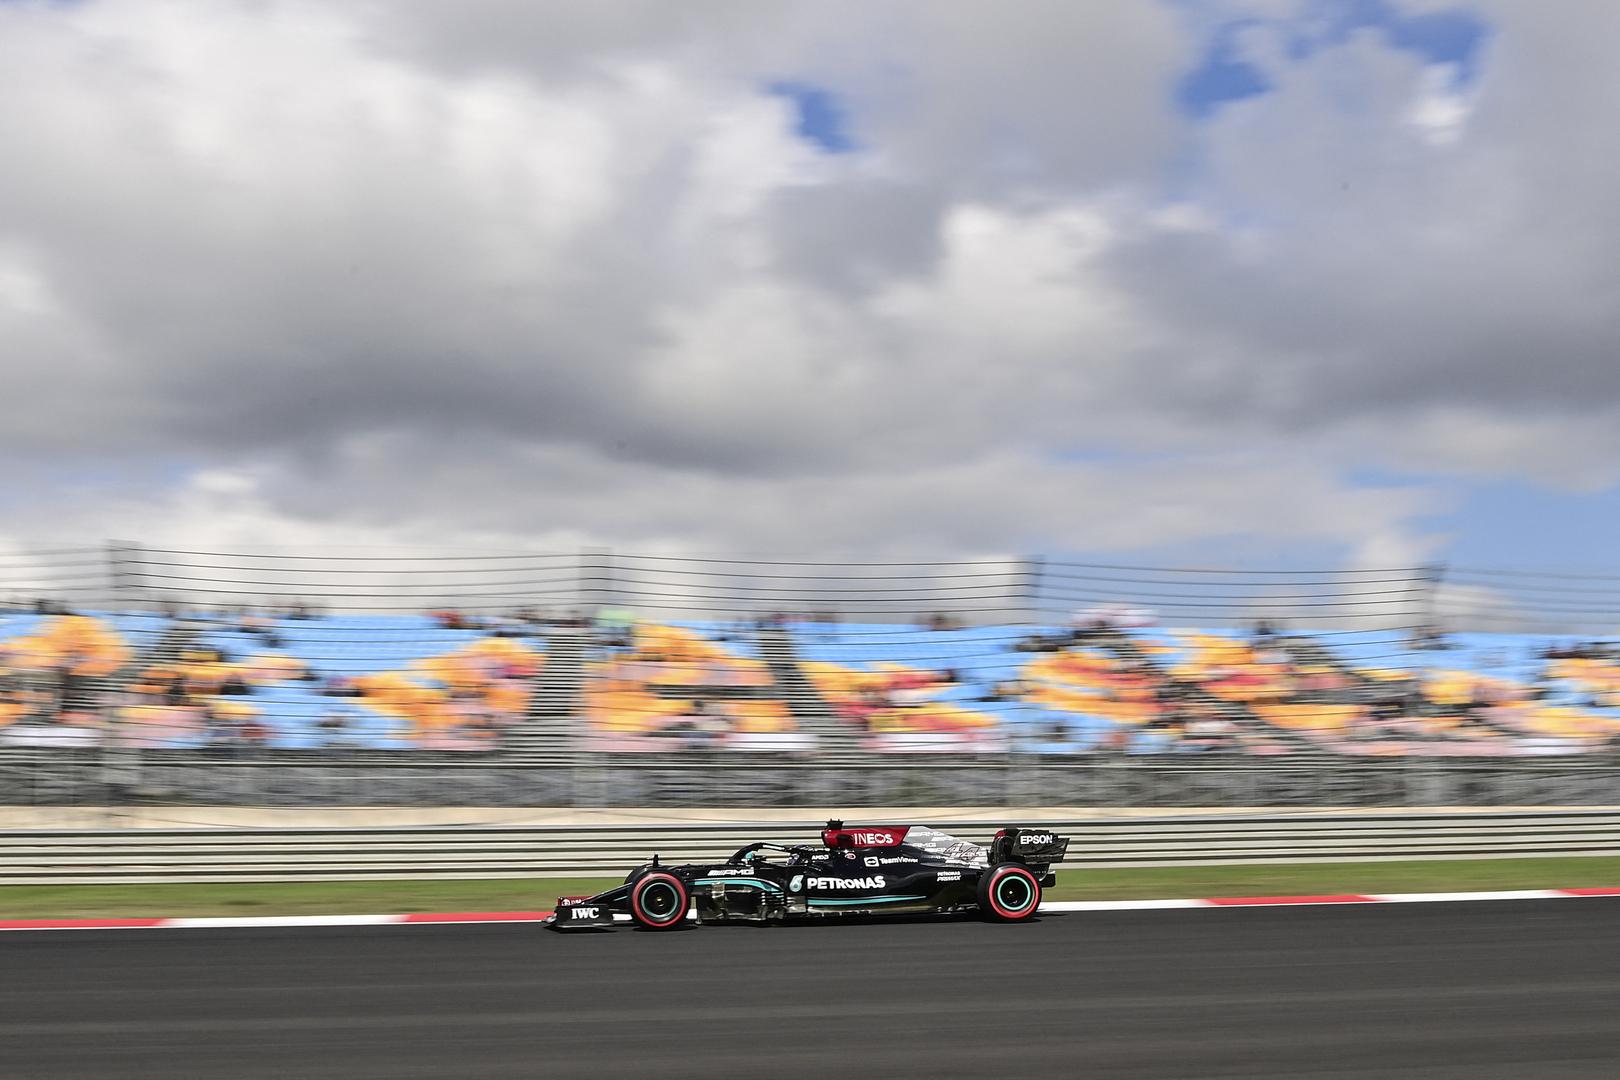 هاميلتون الأسرع بجولة التجارب الحرة الأولى لسباق تركيا